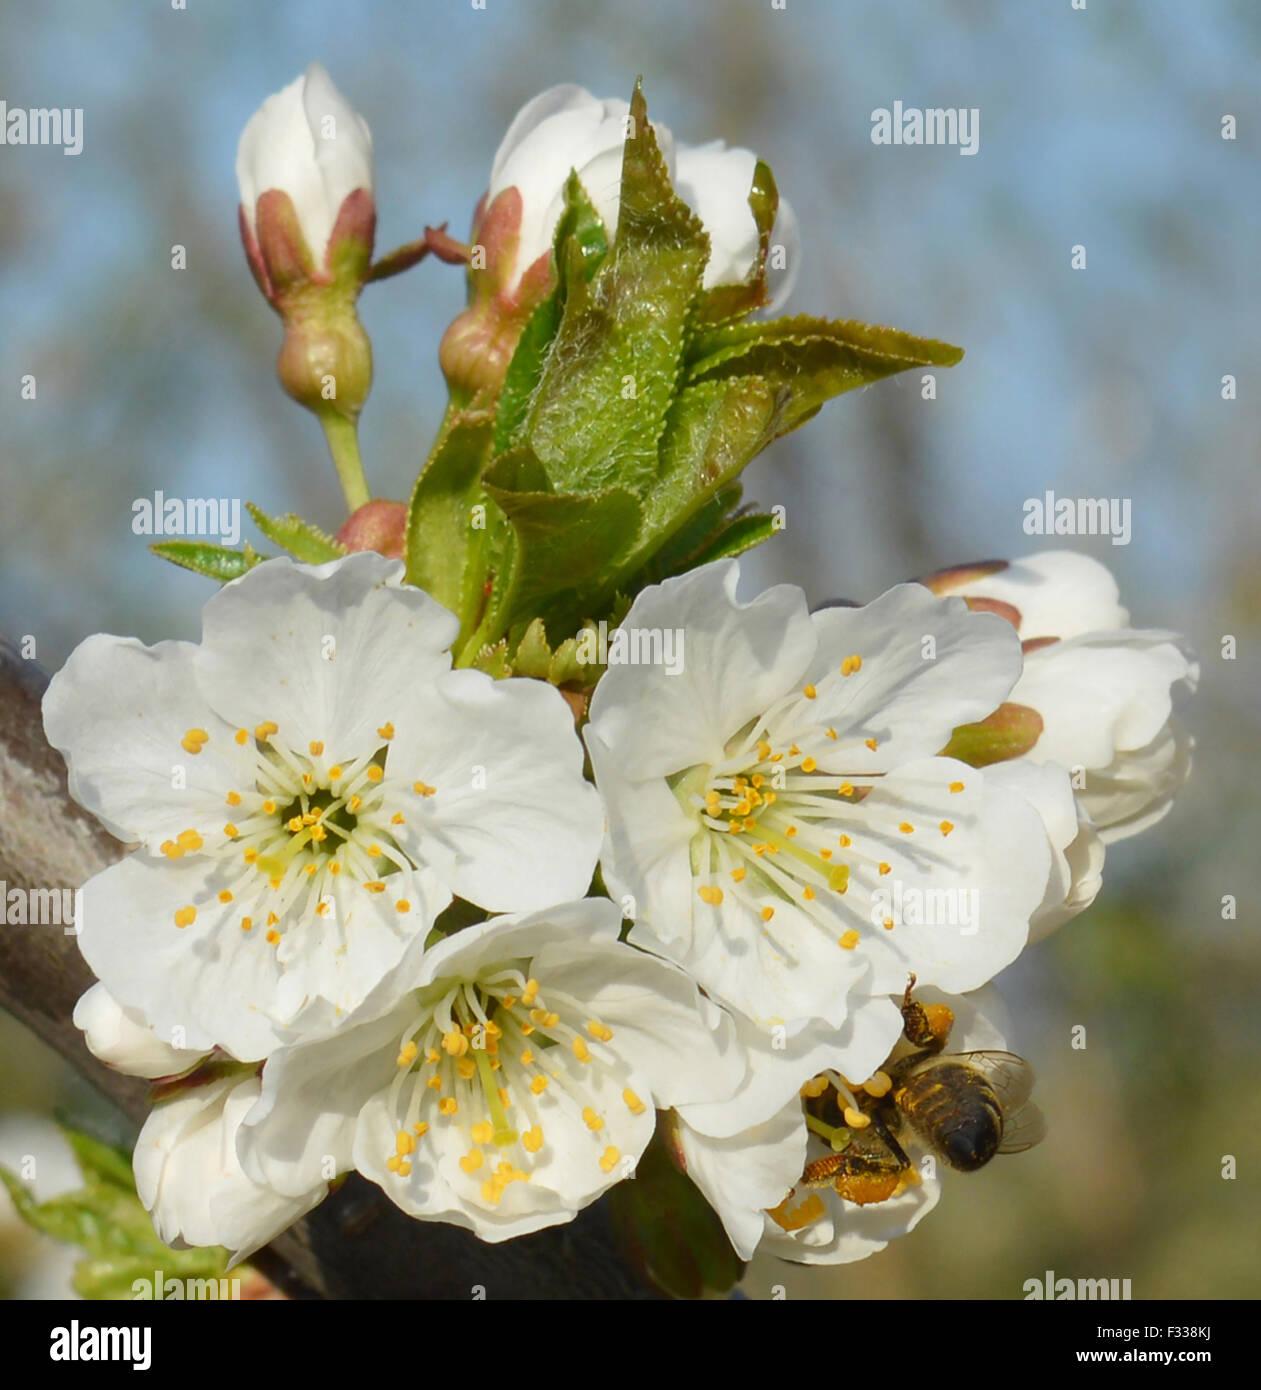 Abeja recoge polen de flores blancas Foto de stock